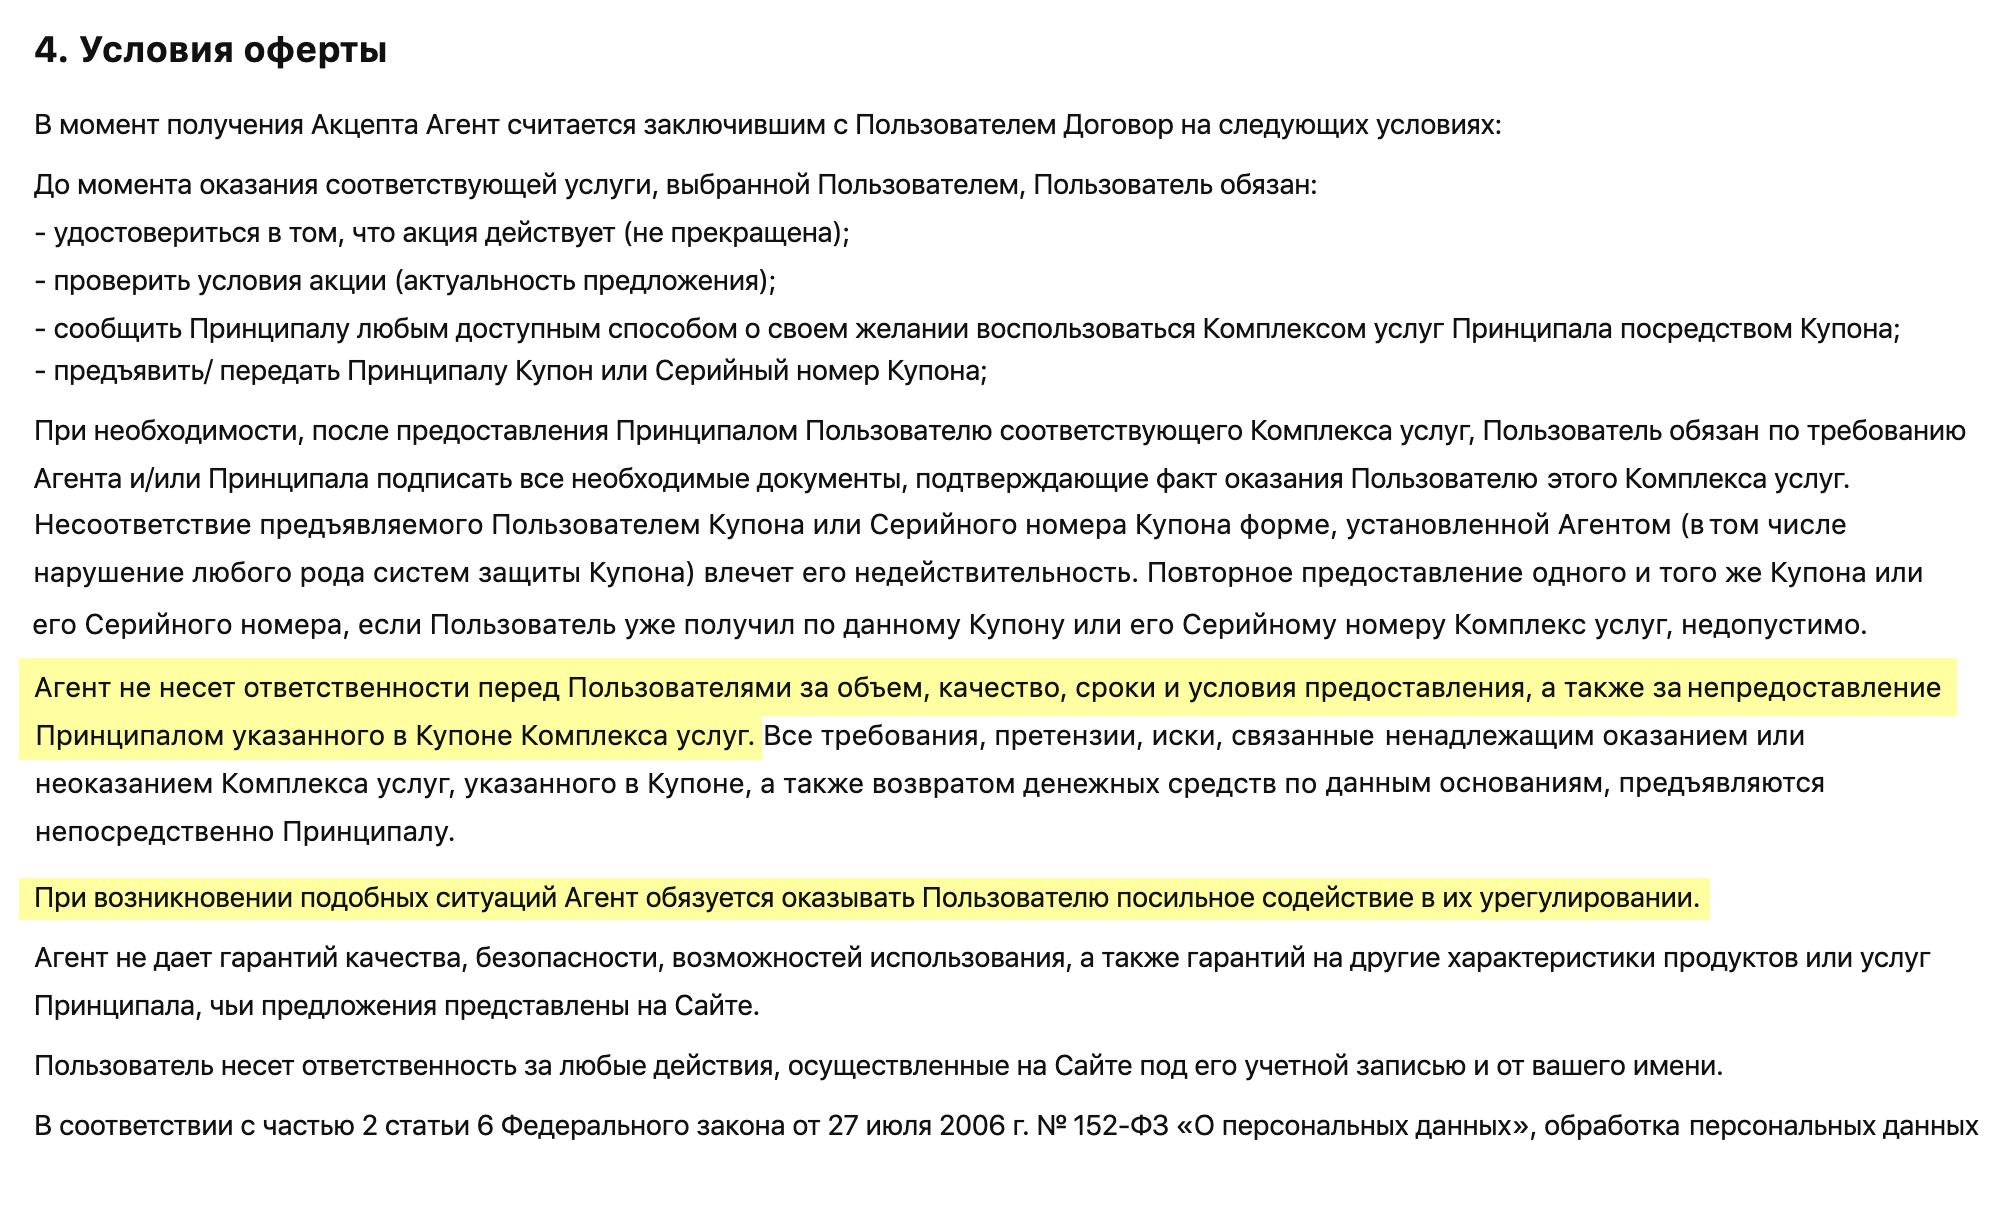 В правилах на сайте «Гилмон» написано, что он не несет ответственности за качество услуг по купону, но постарается помочь пользователю разрешить конфликт